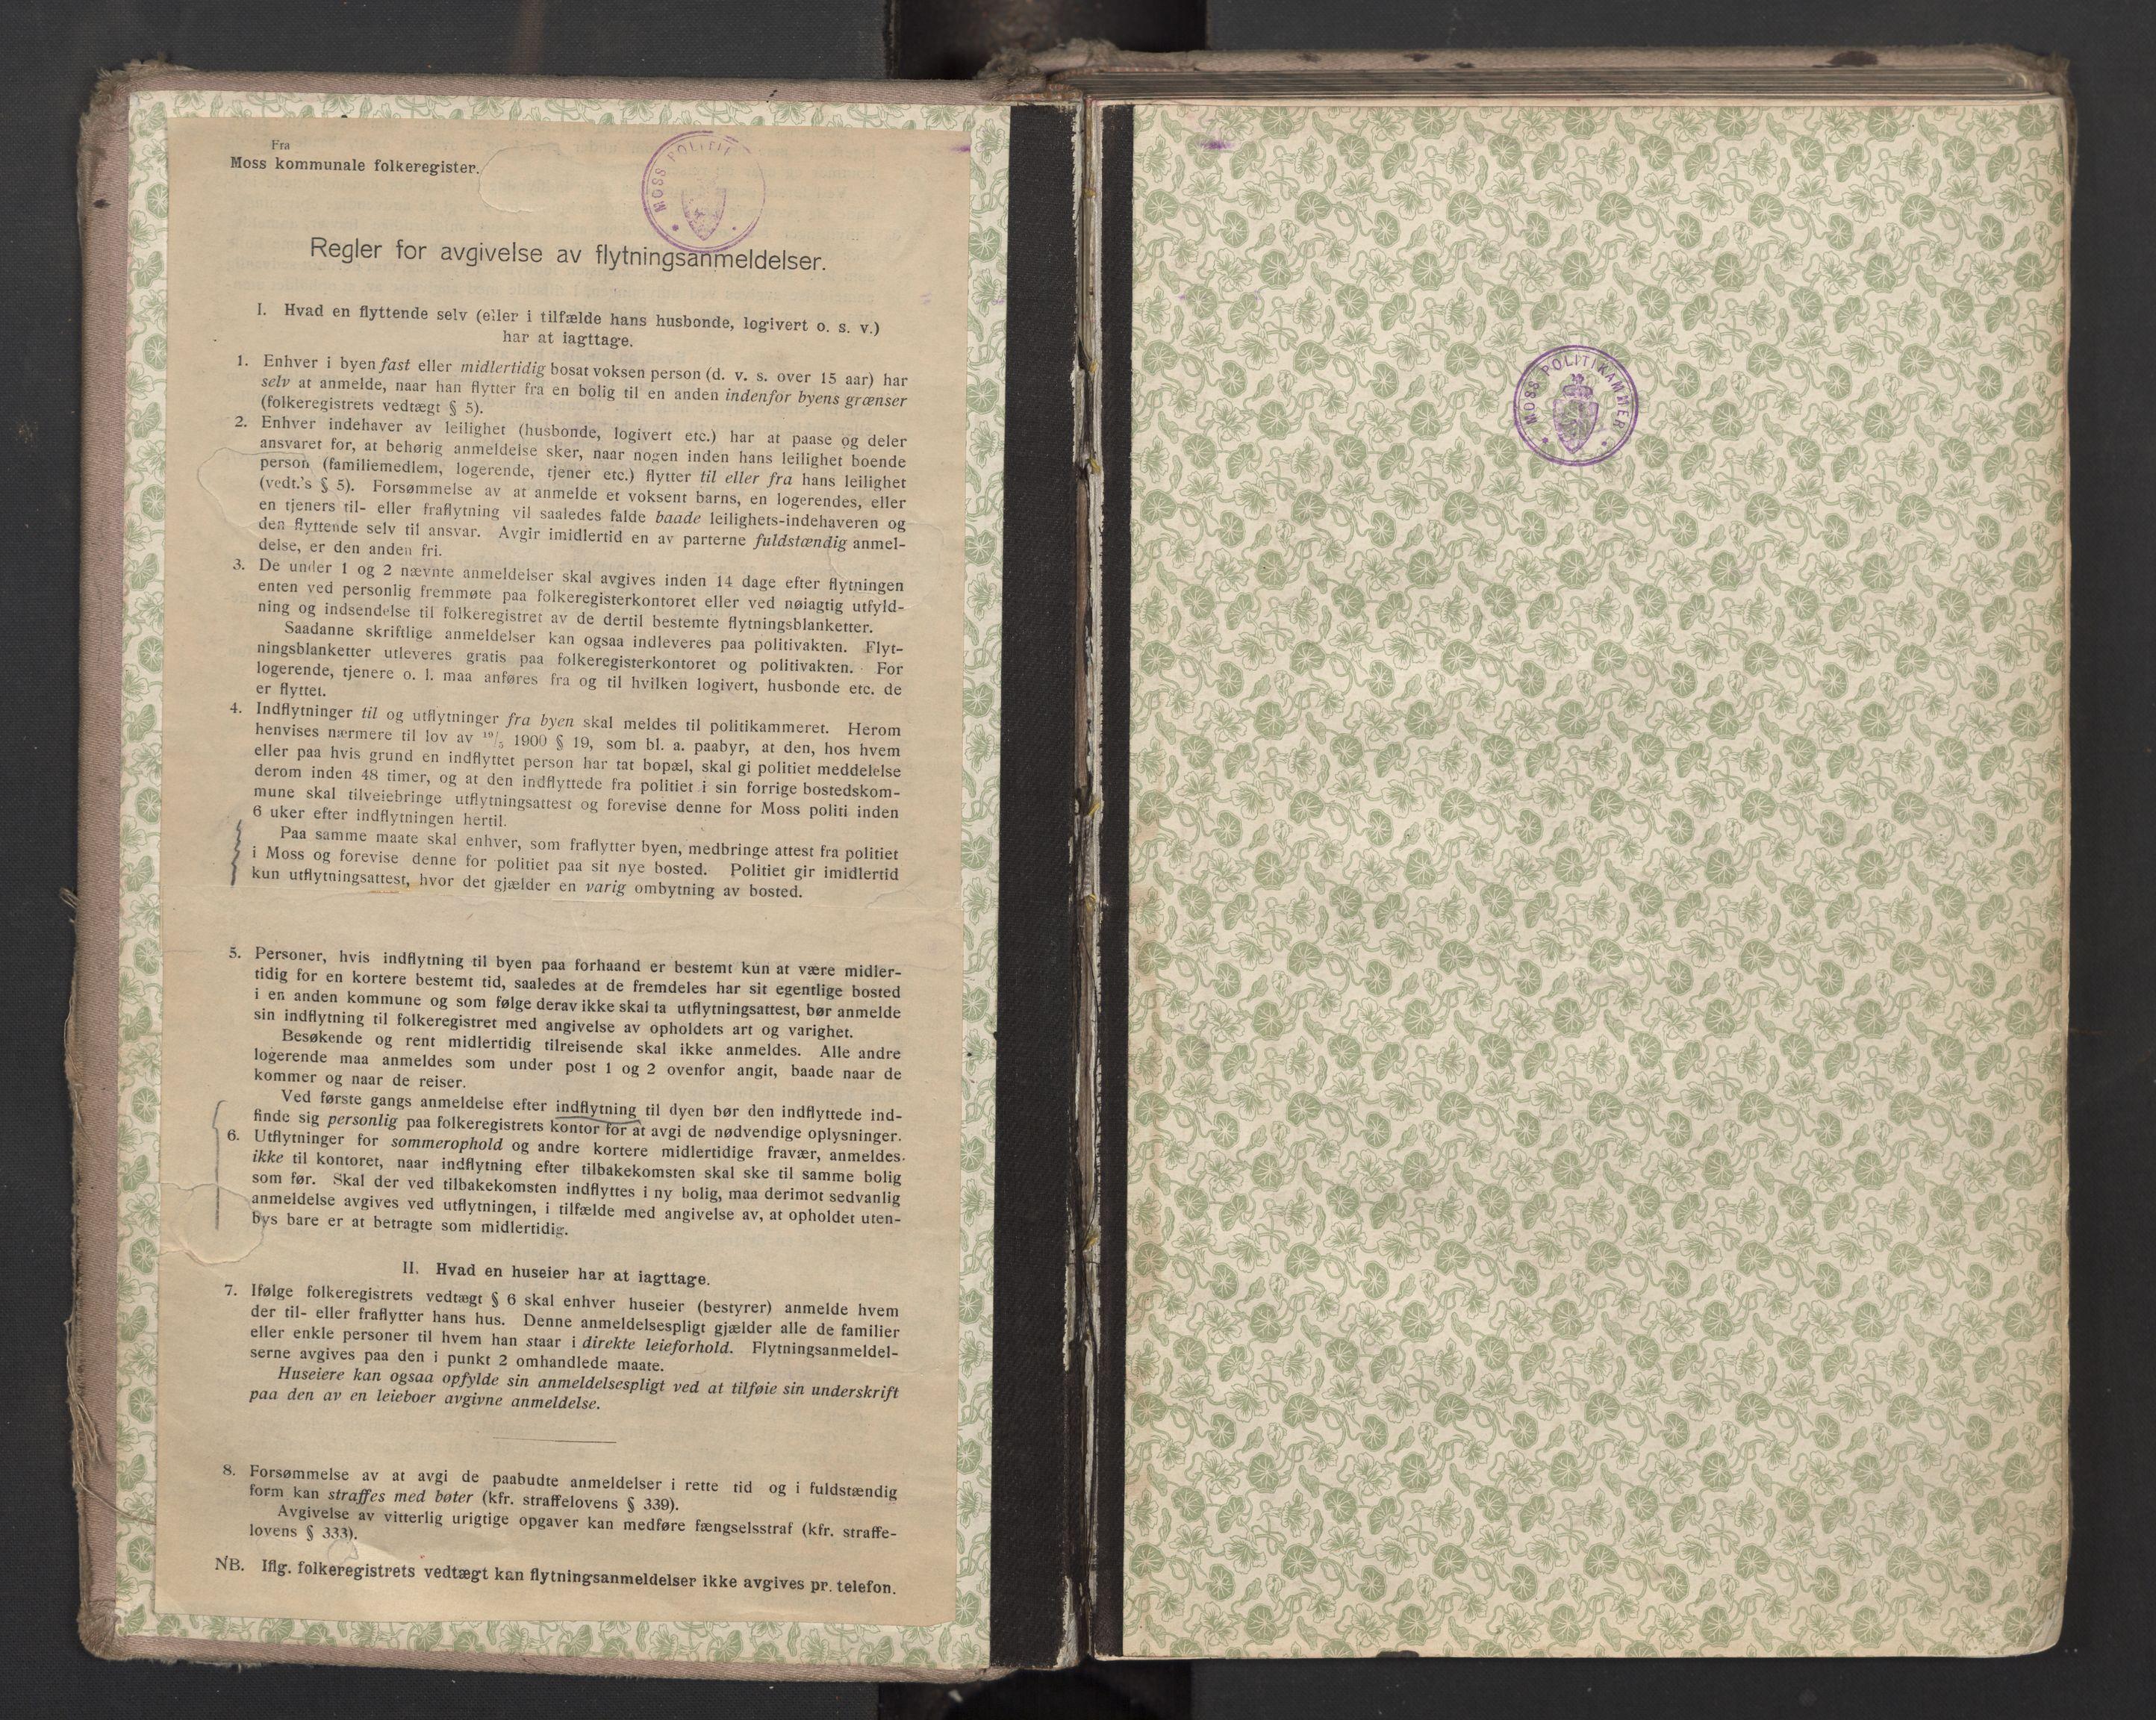 SAO, Moss folkeregister, J/L0003: Inn- og utflyttede i Moss fattigkommune, 1913-1917